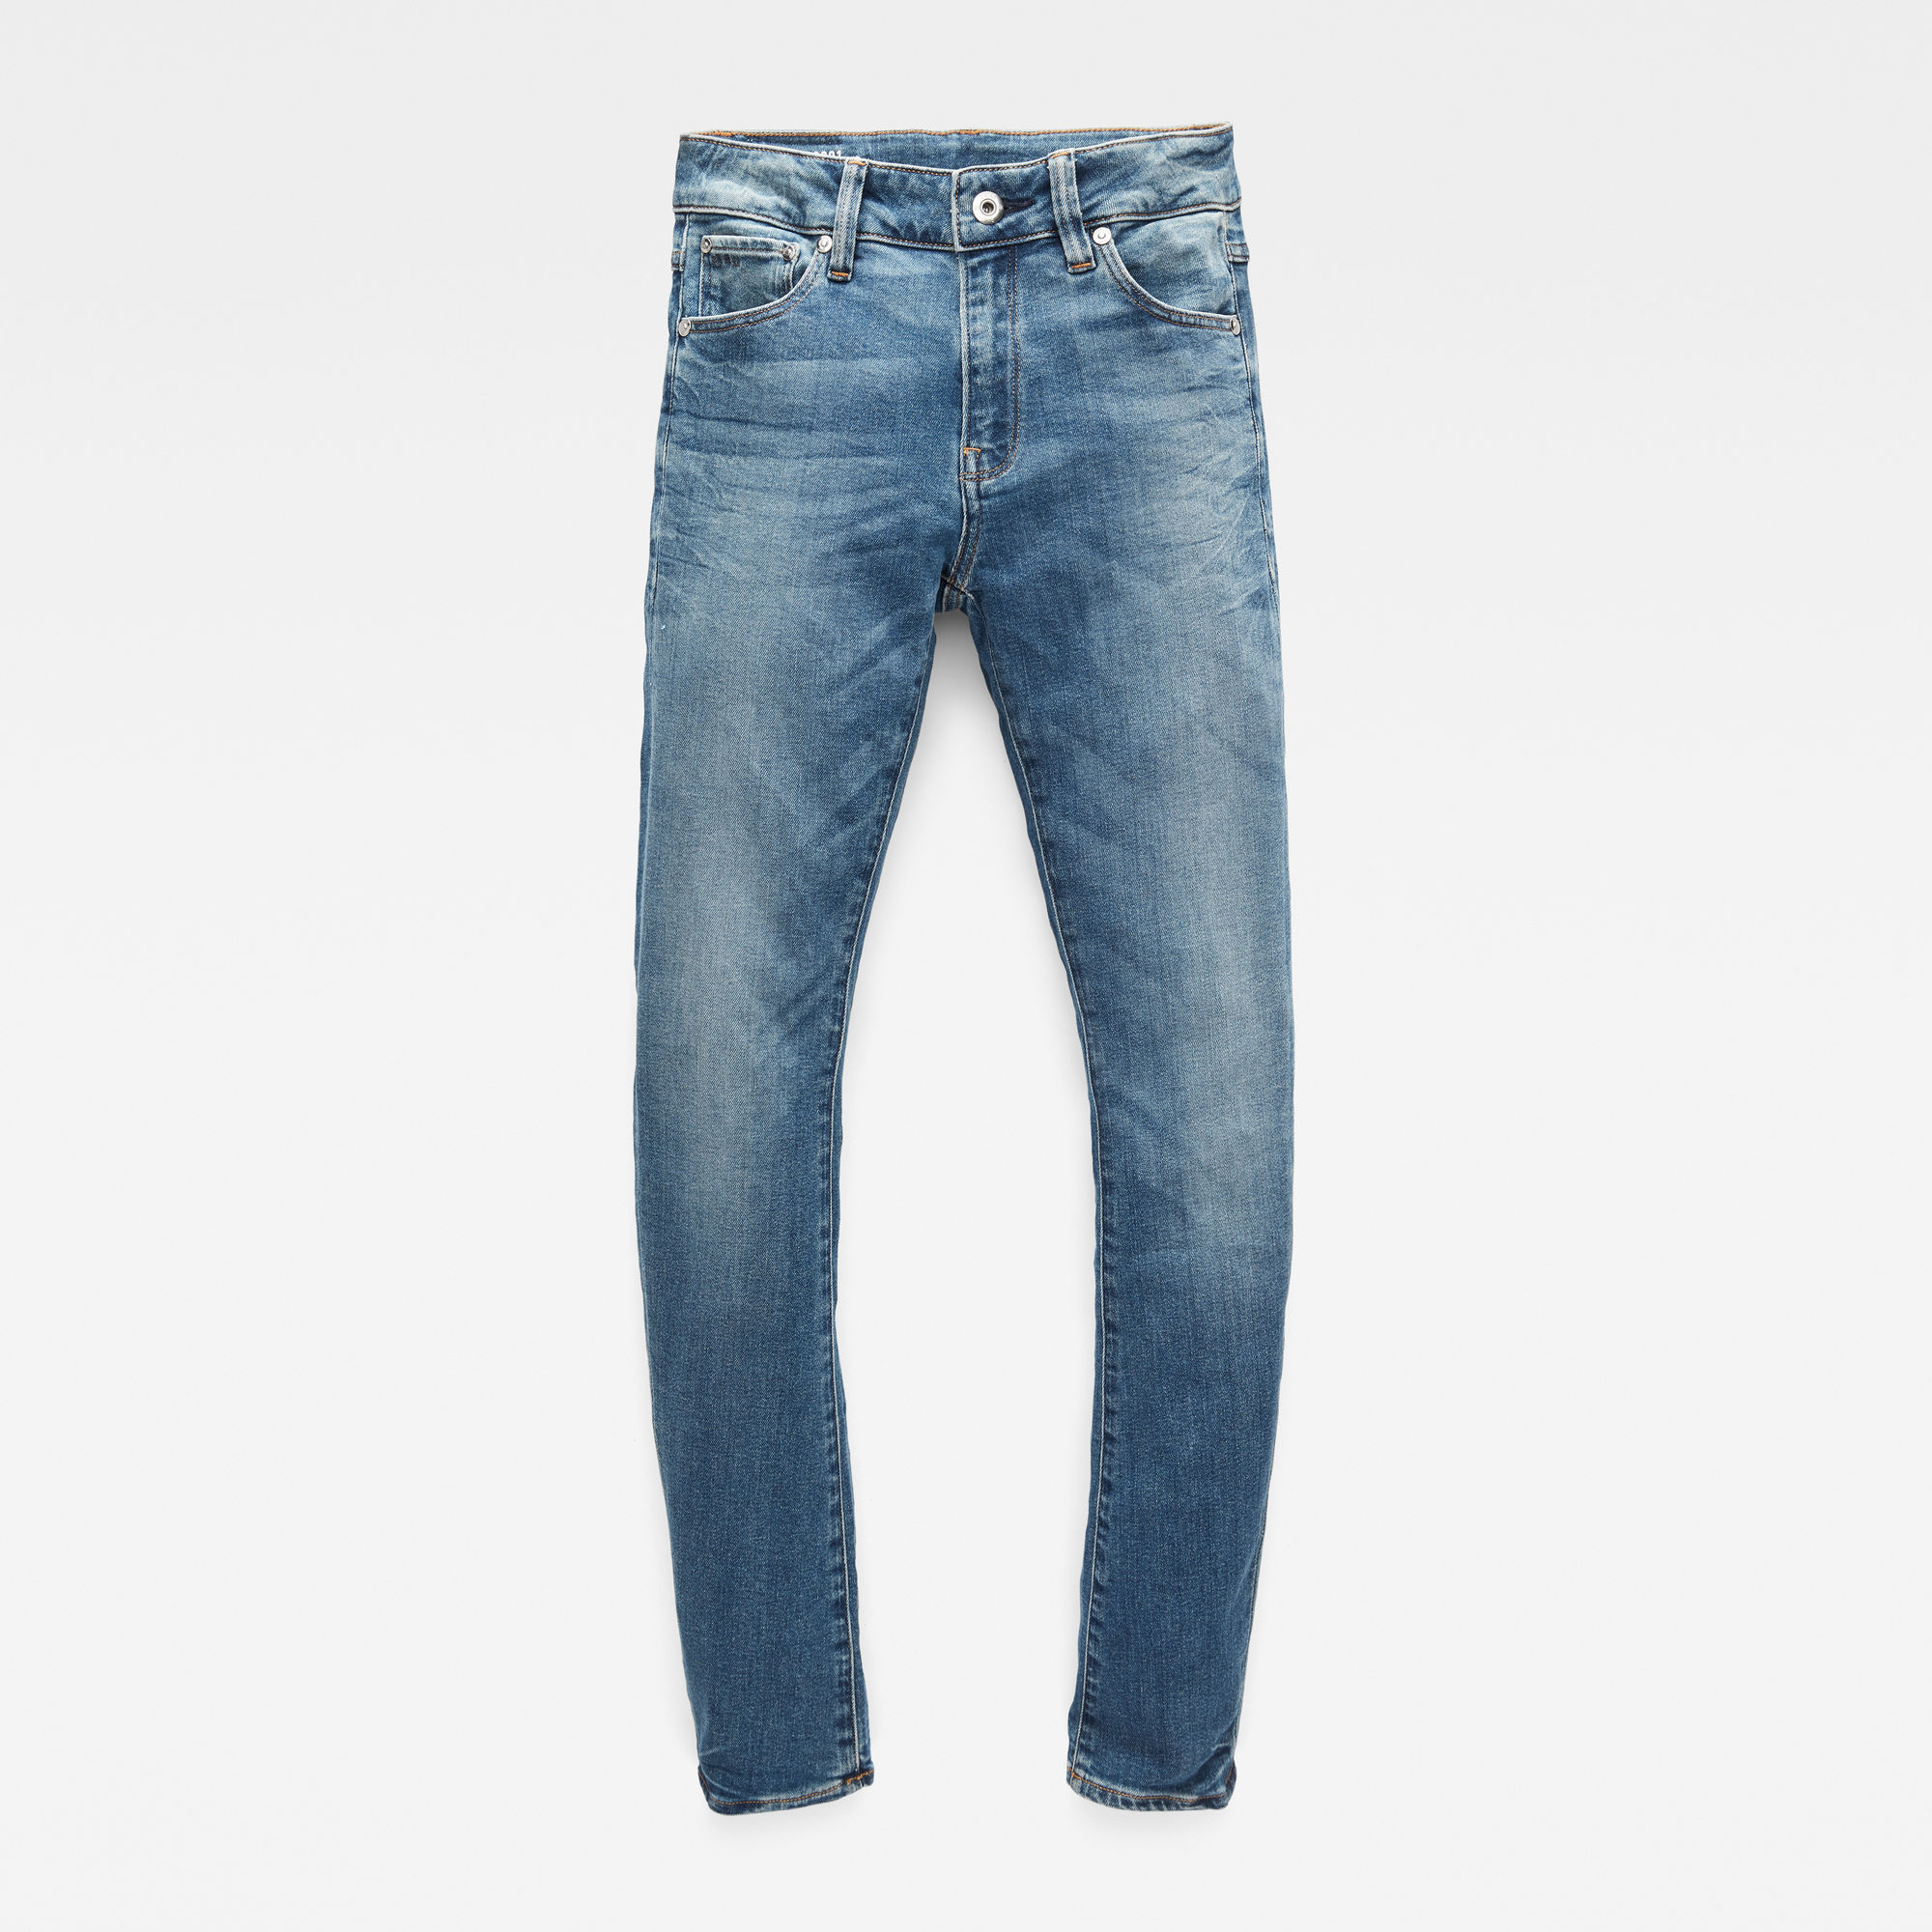 G-Star RAW Meisjes 3301 Skinny jeans Lichtblauw